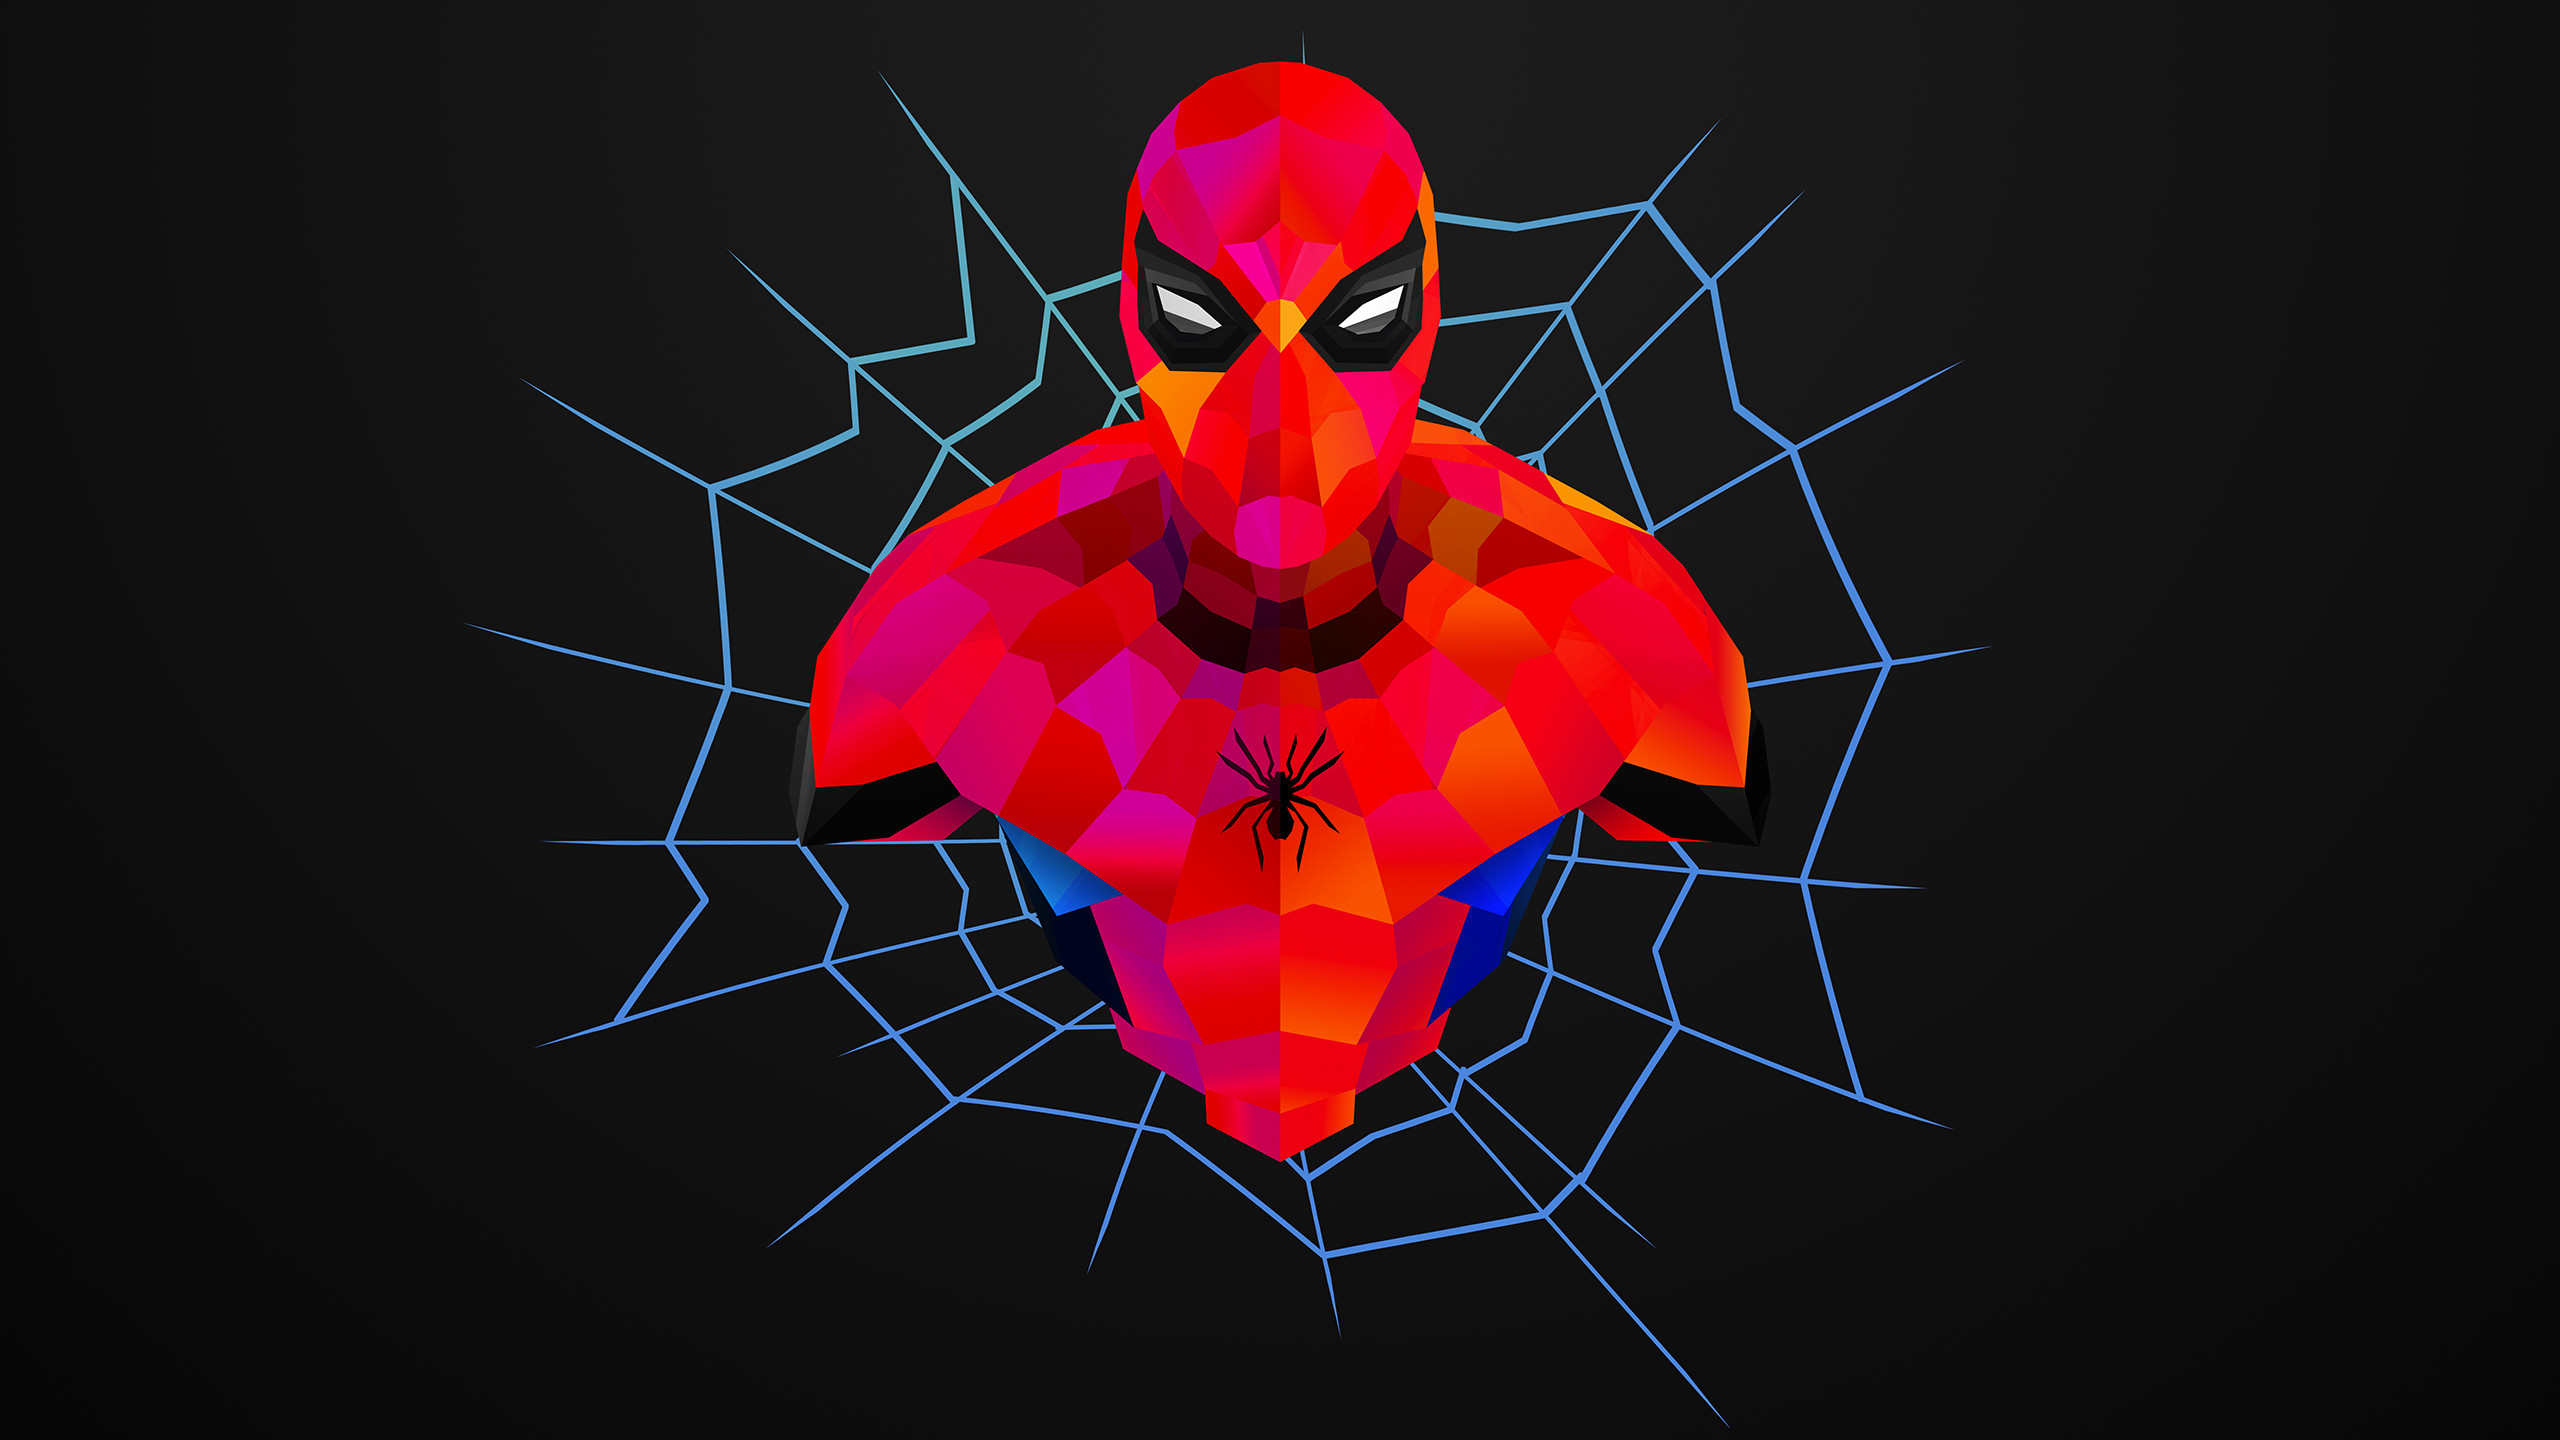 Spider Man Shattered Dimensions 4k Hd Desktop Wallpaper